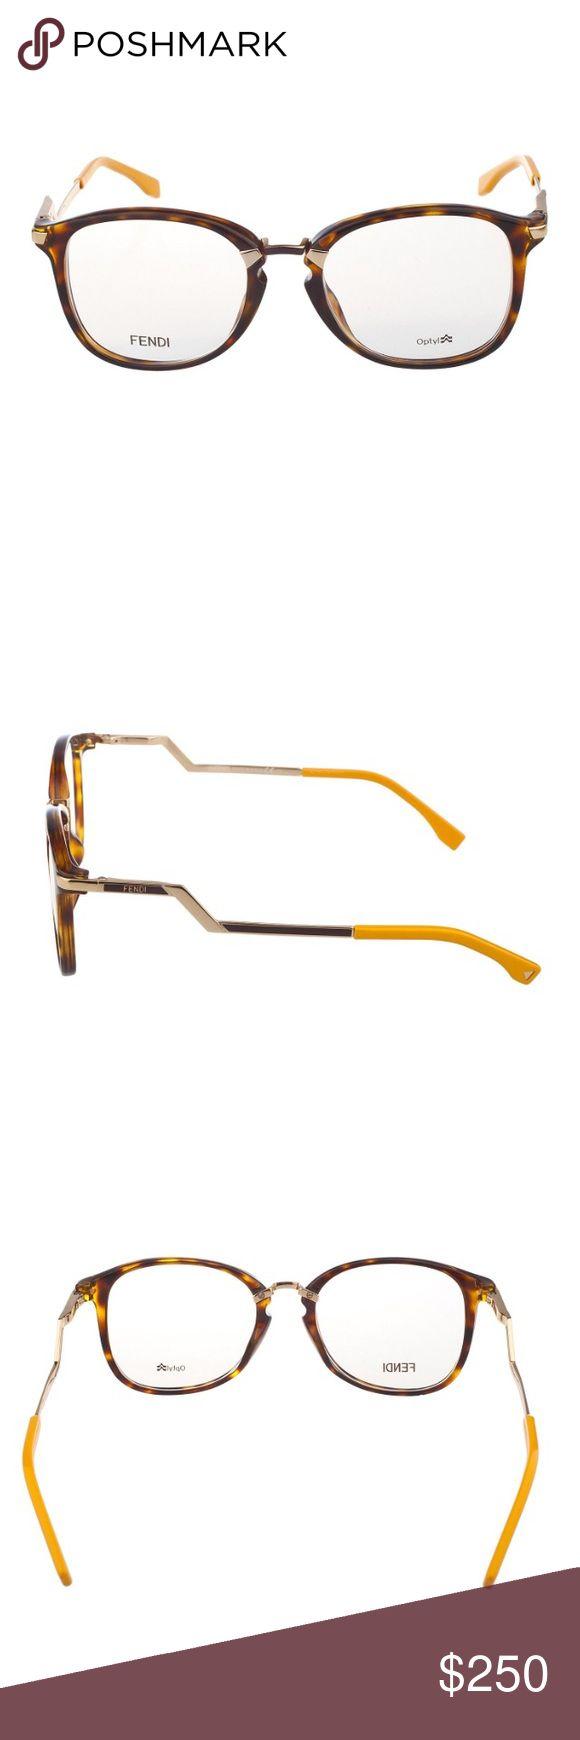 New Fendi glasses New Fendi glasses Havana gold Clear lens 0zcz 00 Fendi Accessories Glasses